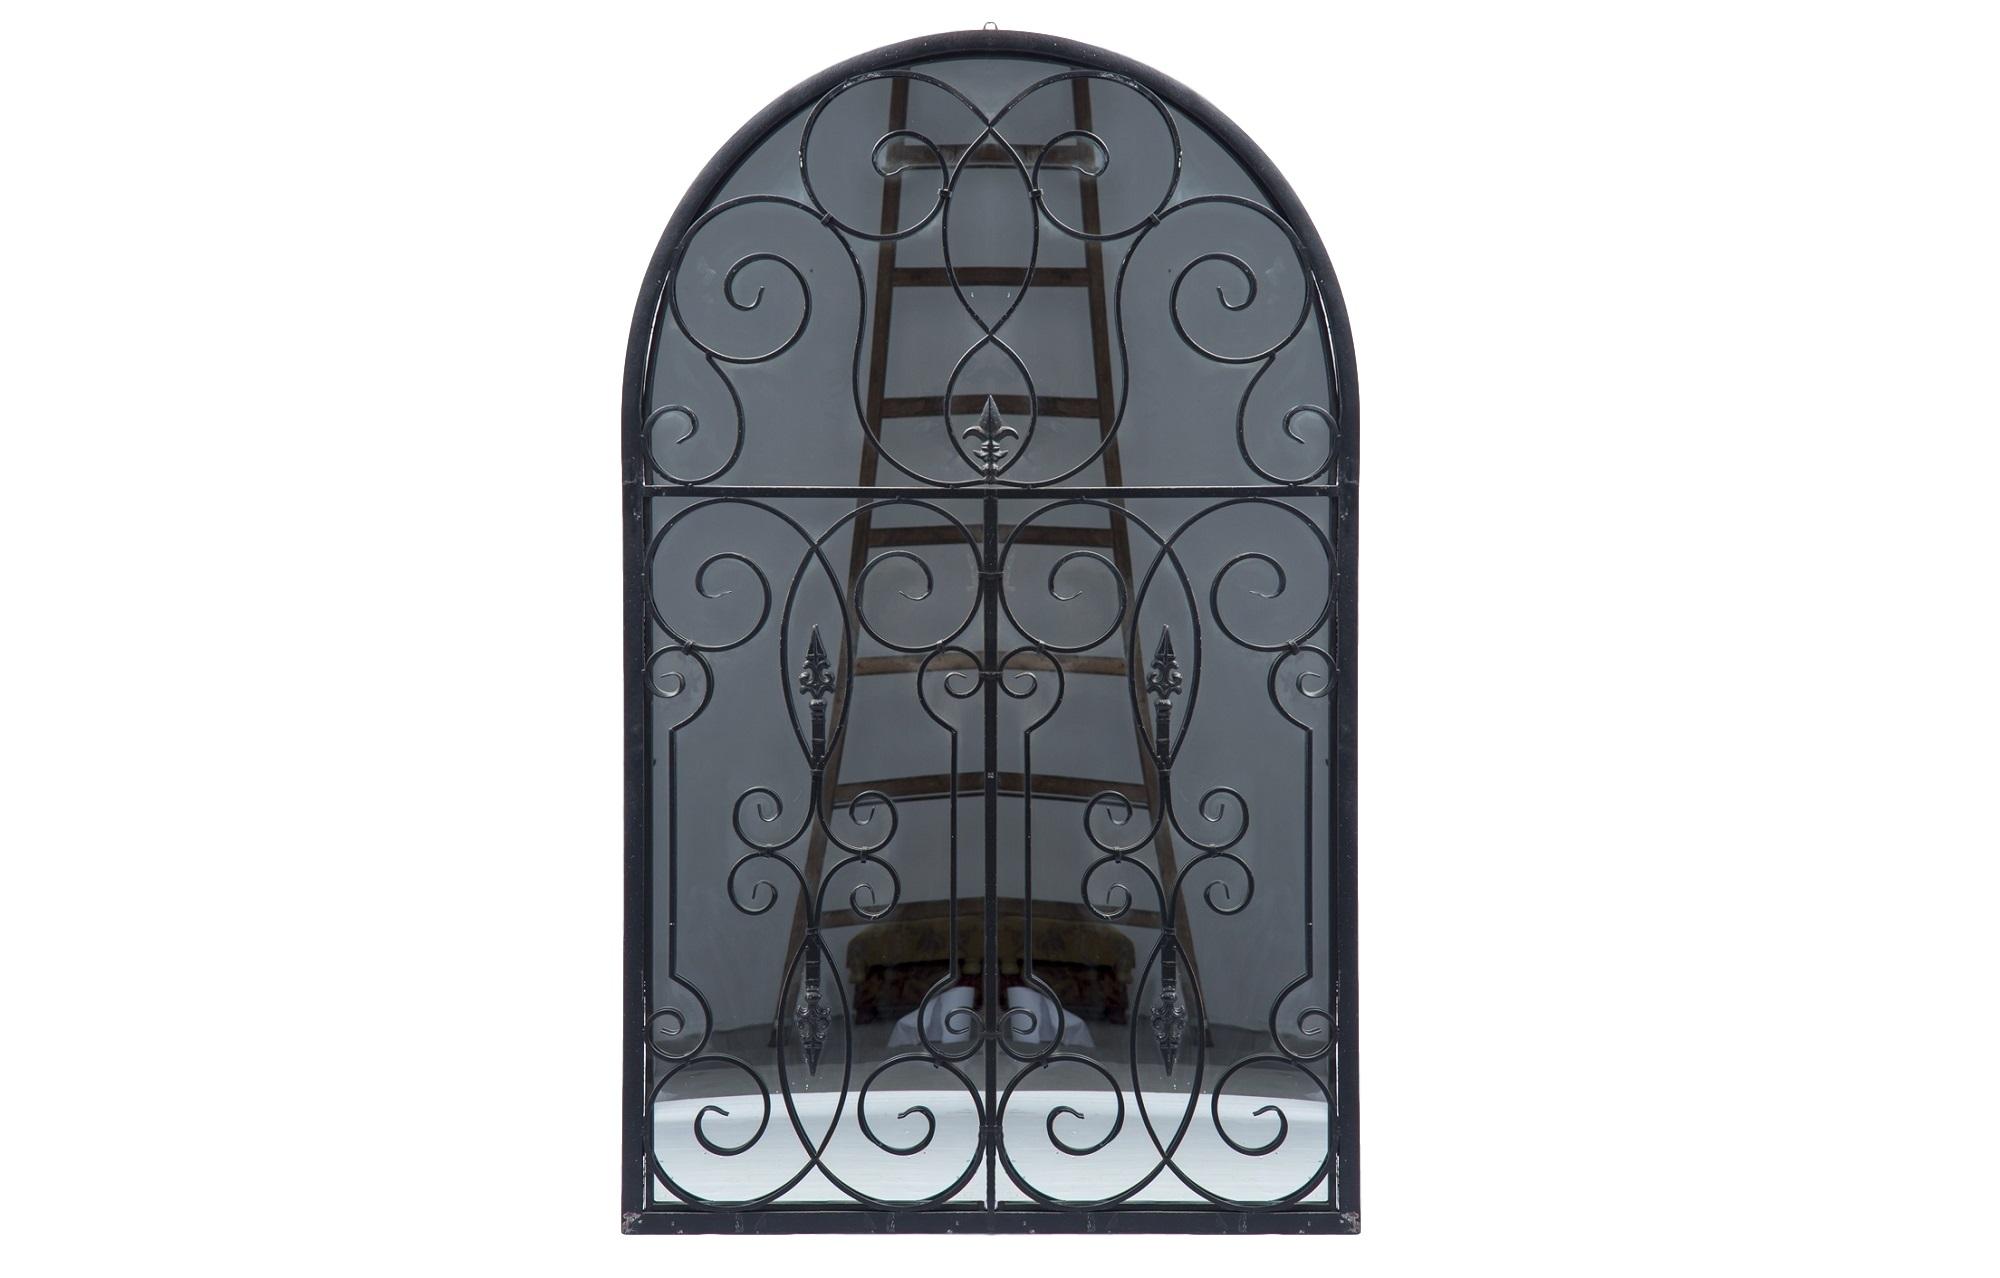 ЗеркалоНапольные зеркала<br>Декоративное зекрало в железной раме с кованым декором.<br><br>Material: Металл<br>Width см: 107<br>Depth см: 6<br>Height см: 173